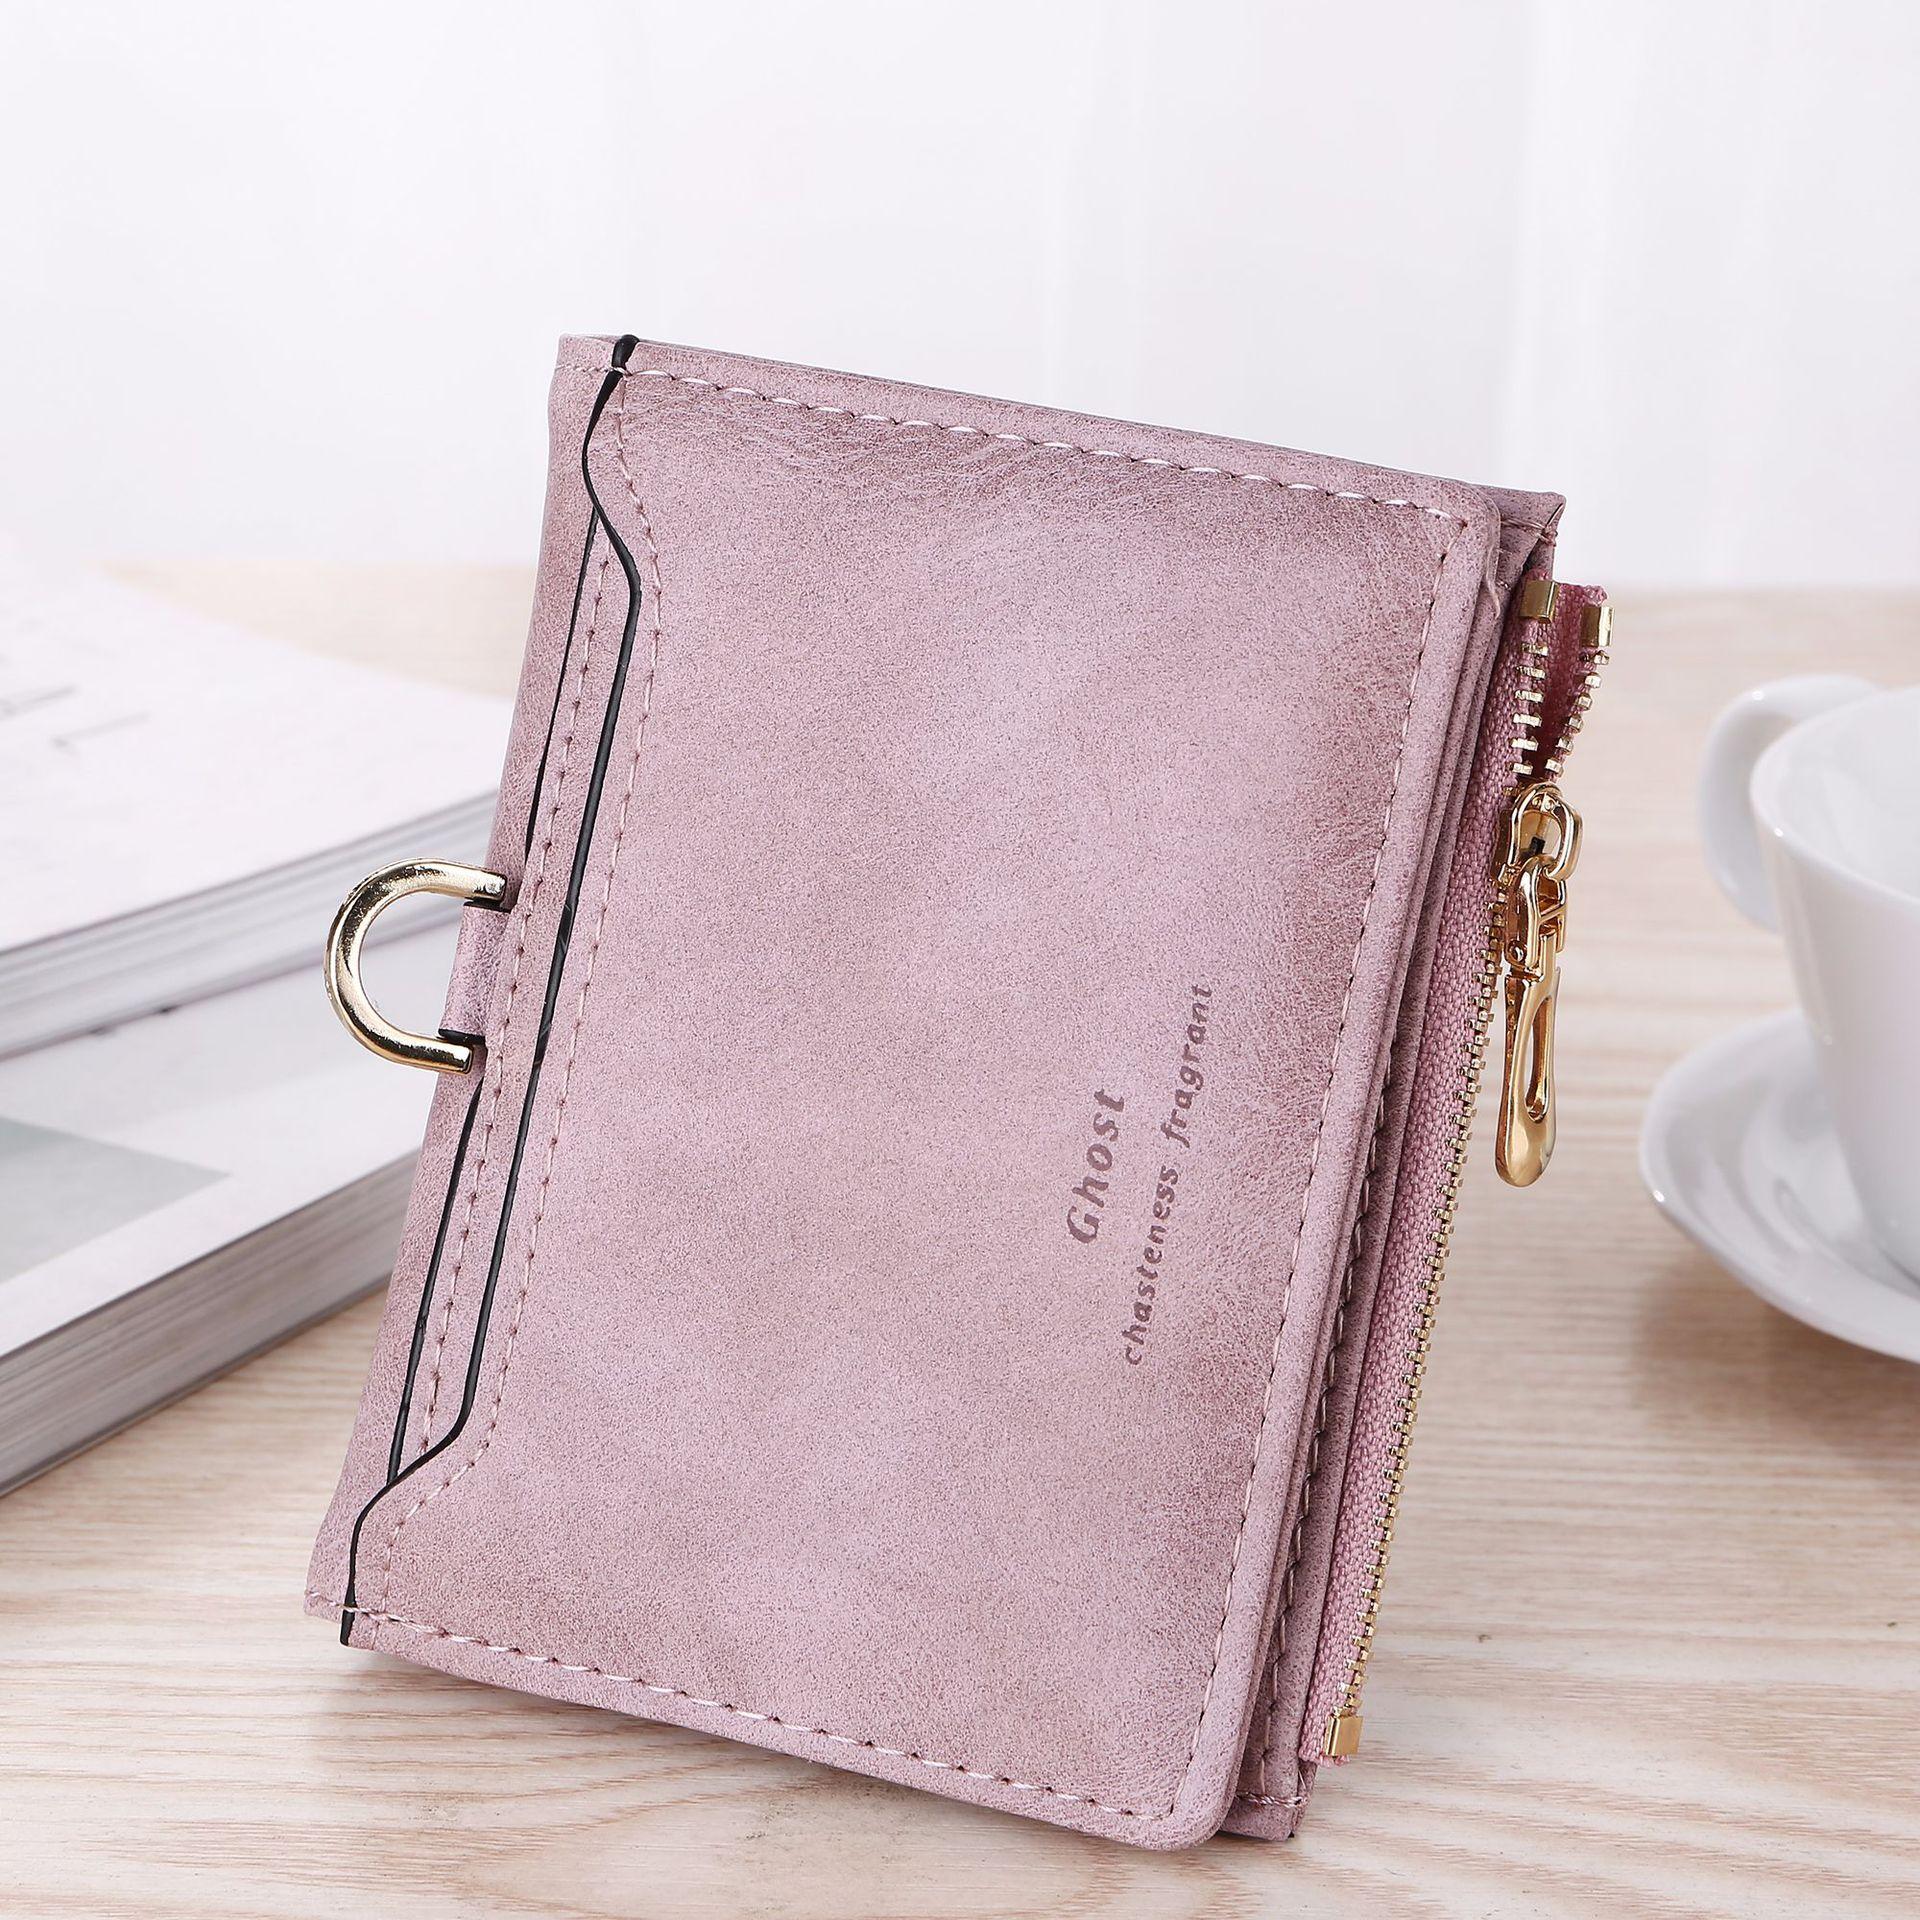 051918 new hot women small money Clips female clutch wallet wallet